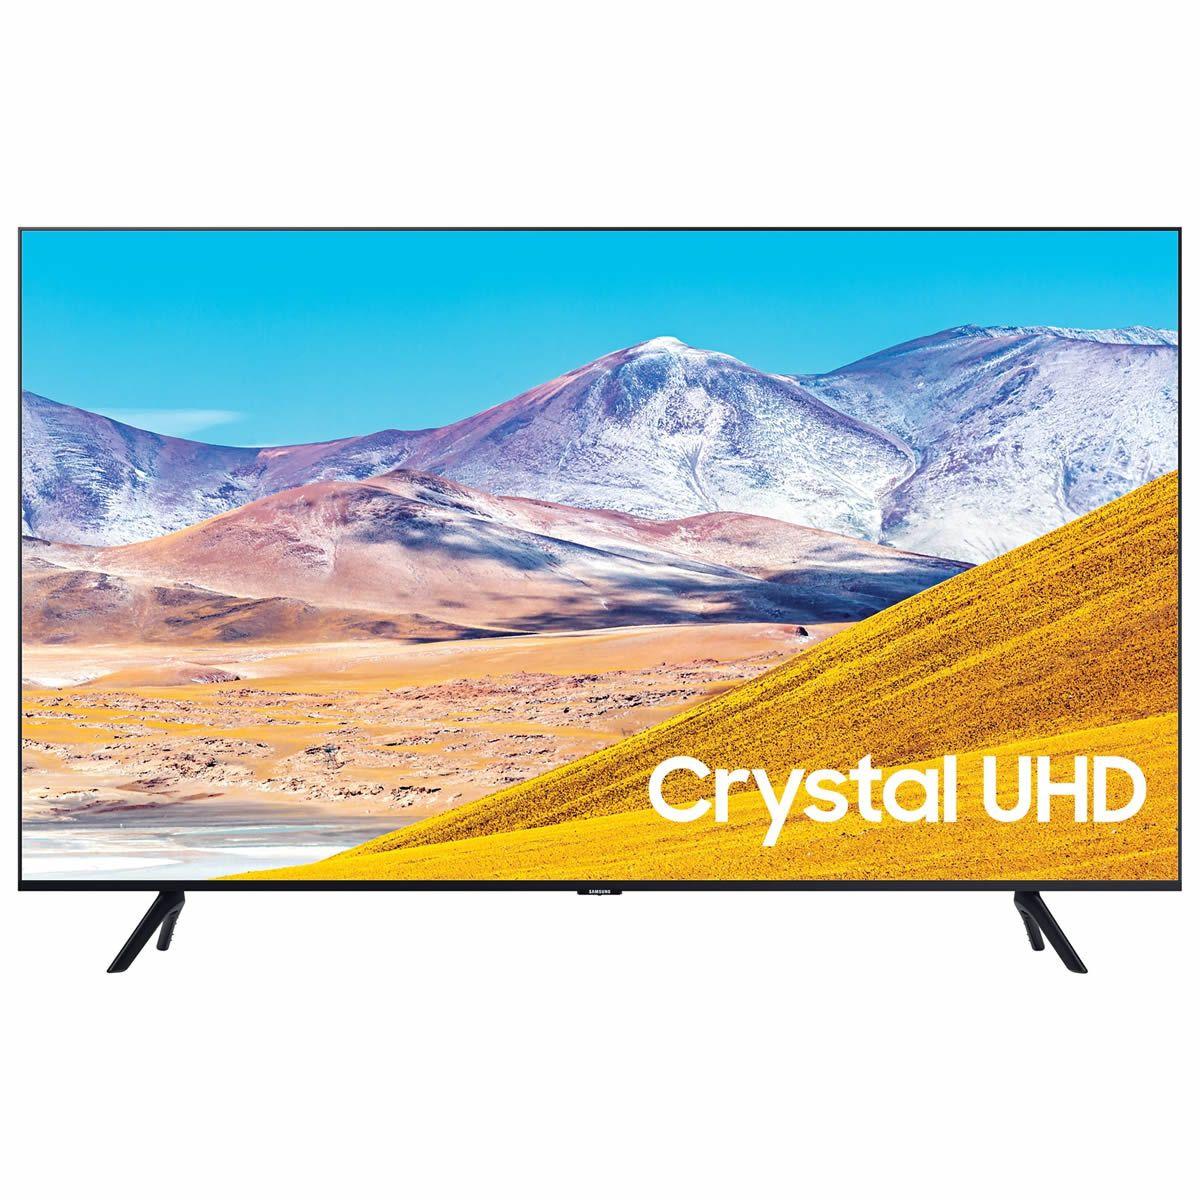 Samsung UE75TU8000KXXU 75inch Crystal UHD 4K LED SMART TV + free Samsung Soundbar £975 at Elecrical Discount